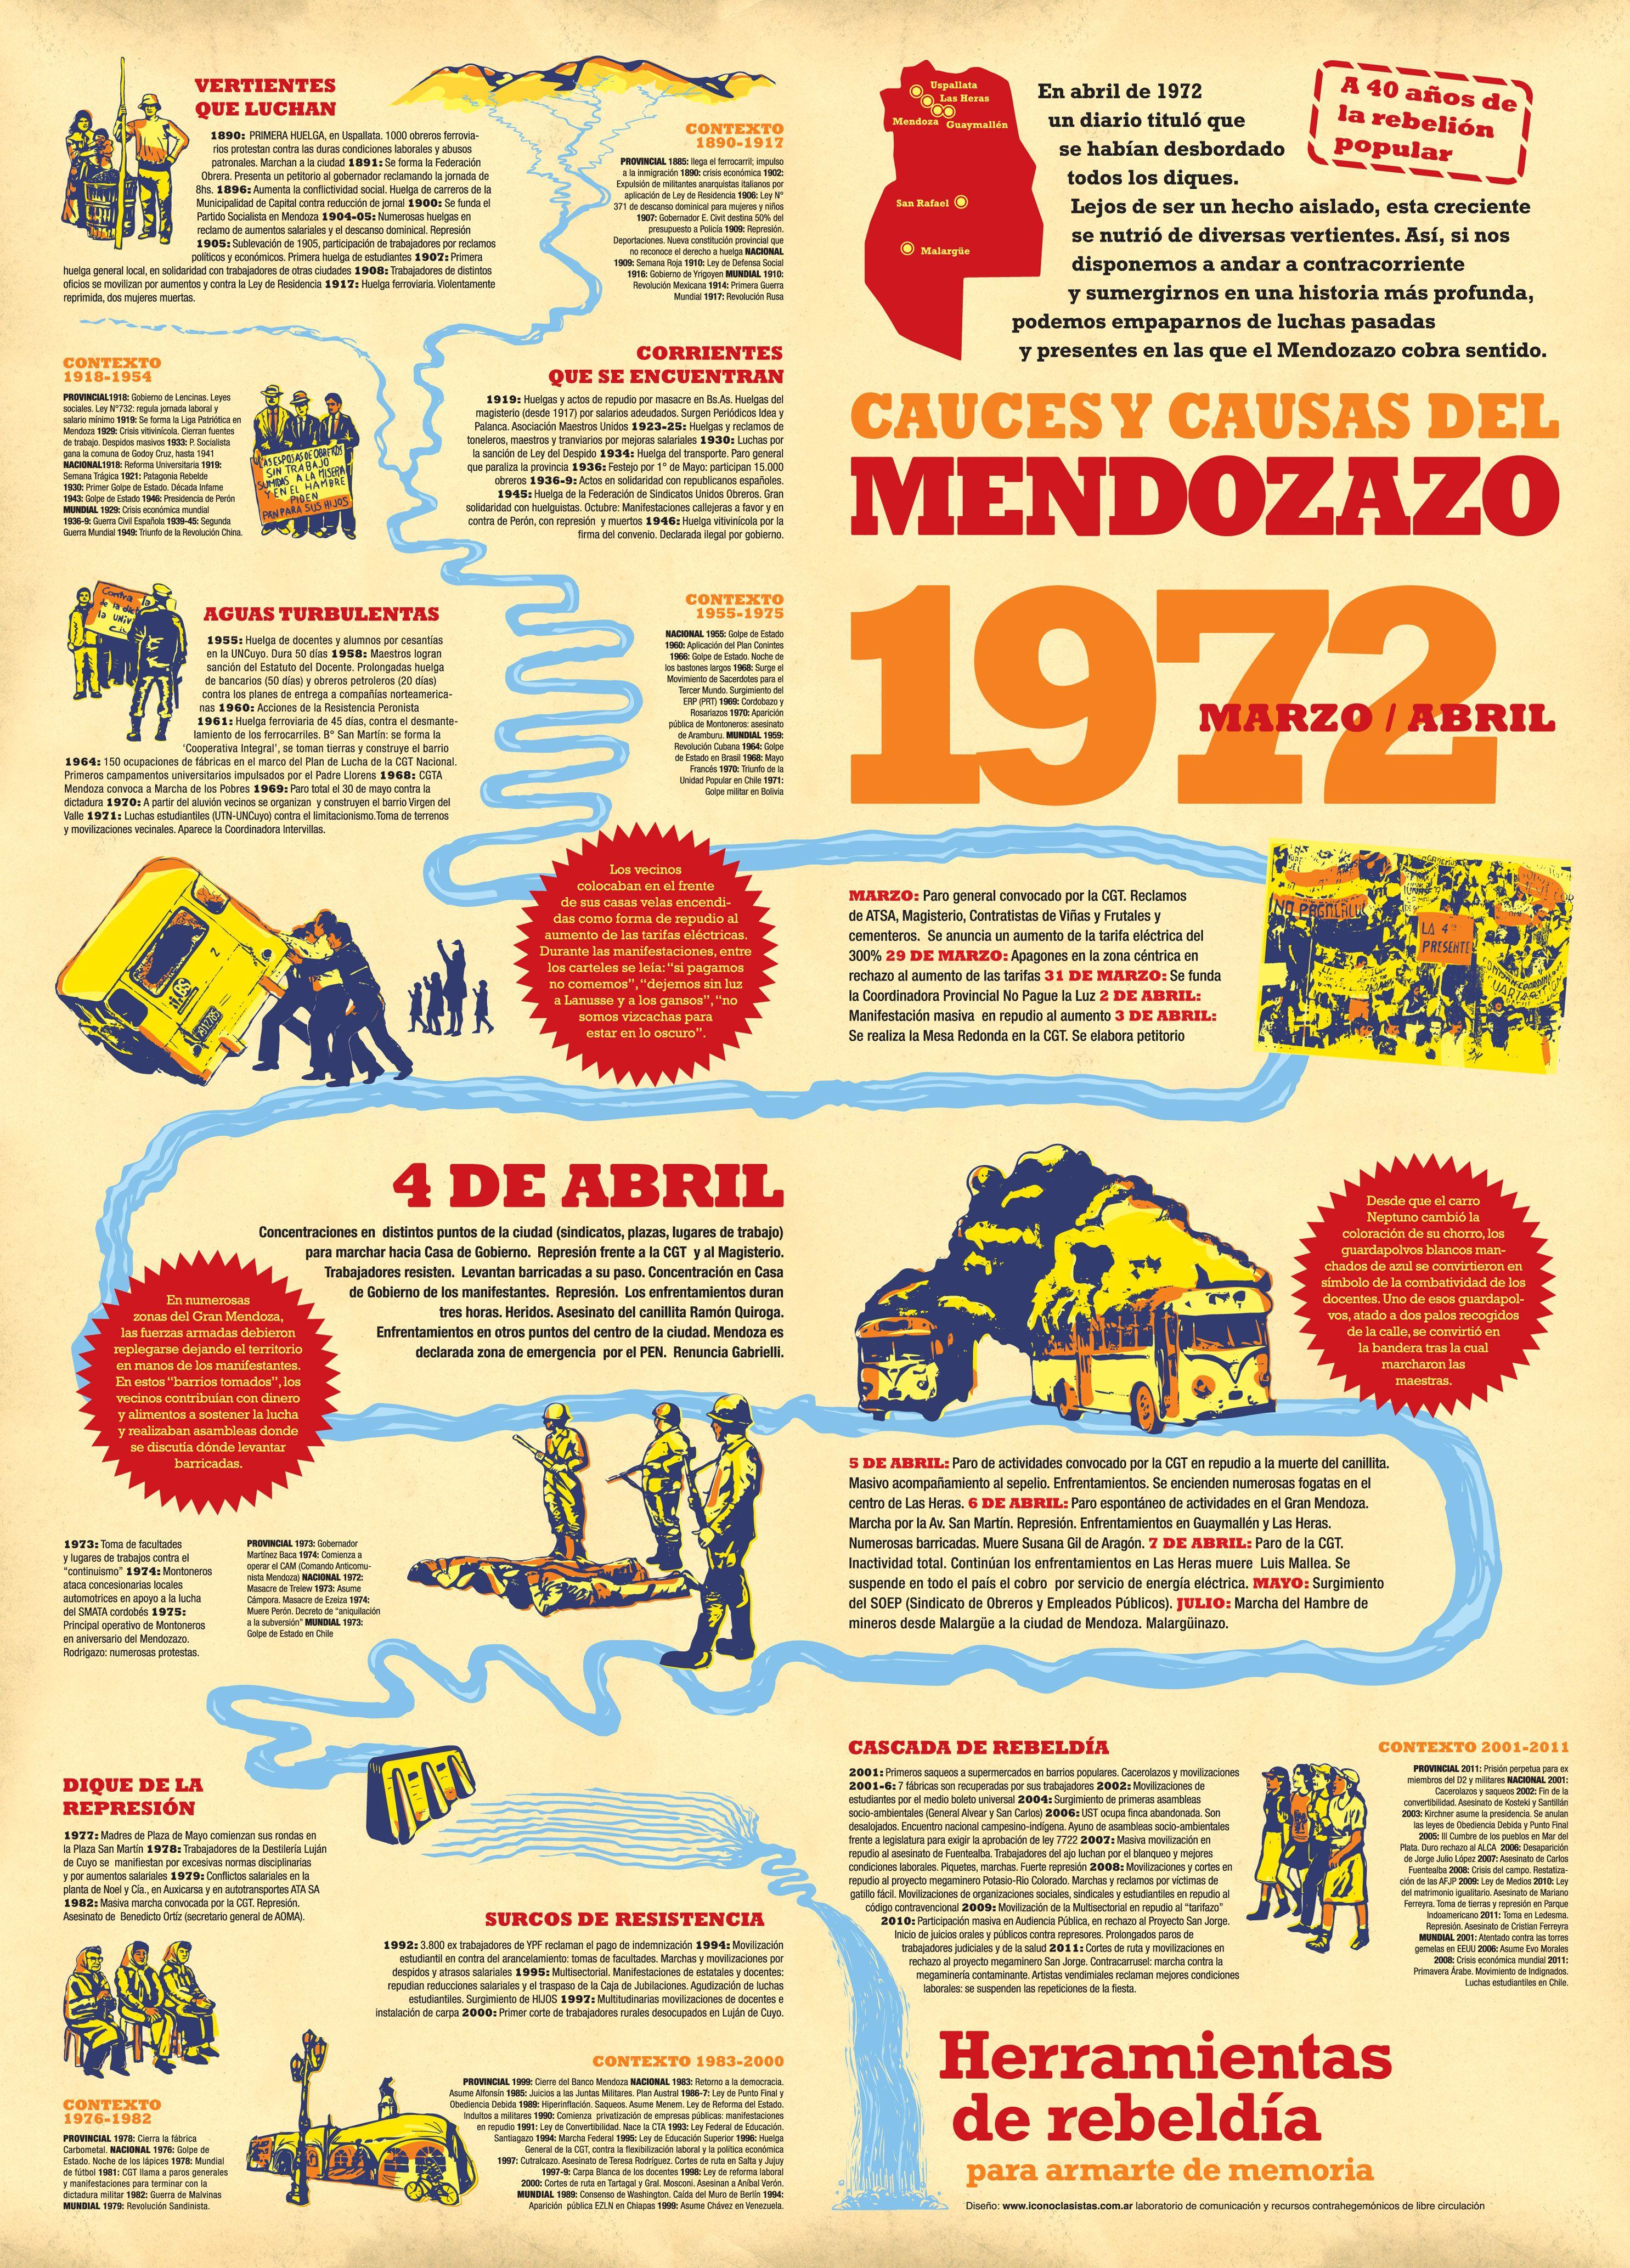 itinerario del mendozazo, por iconoclasistas | mapas | Pinterest ...